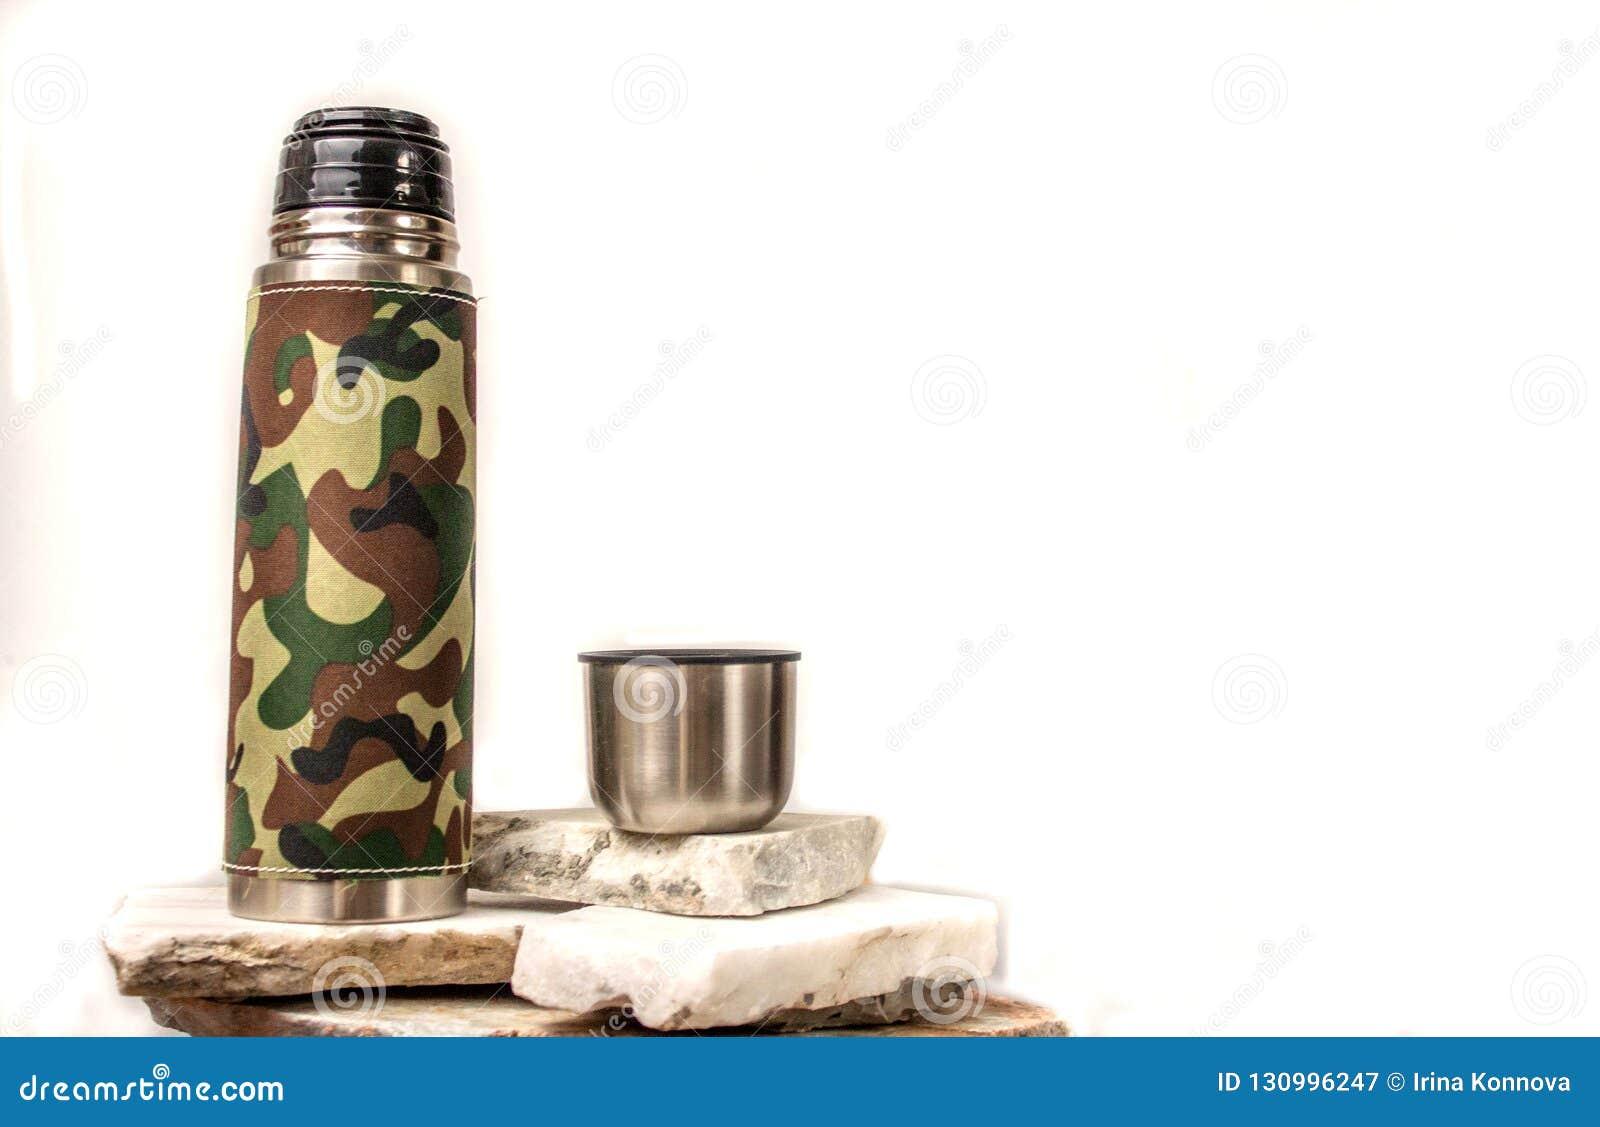 Μπουκάλι Thermos σε ένα άσπρο υπόβαθρο